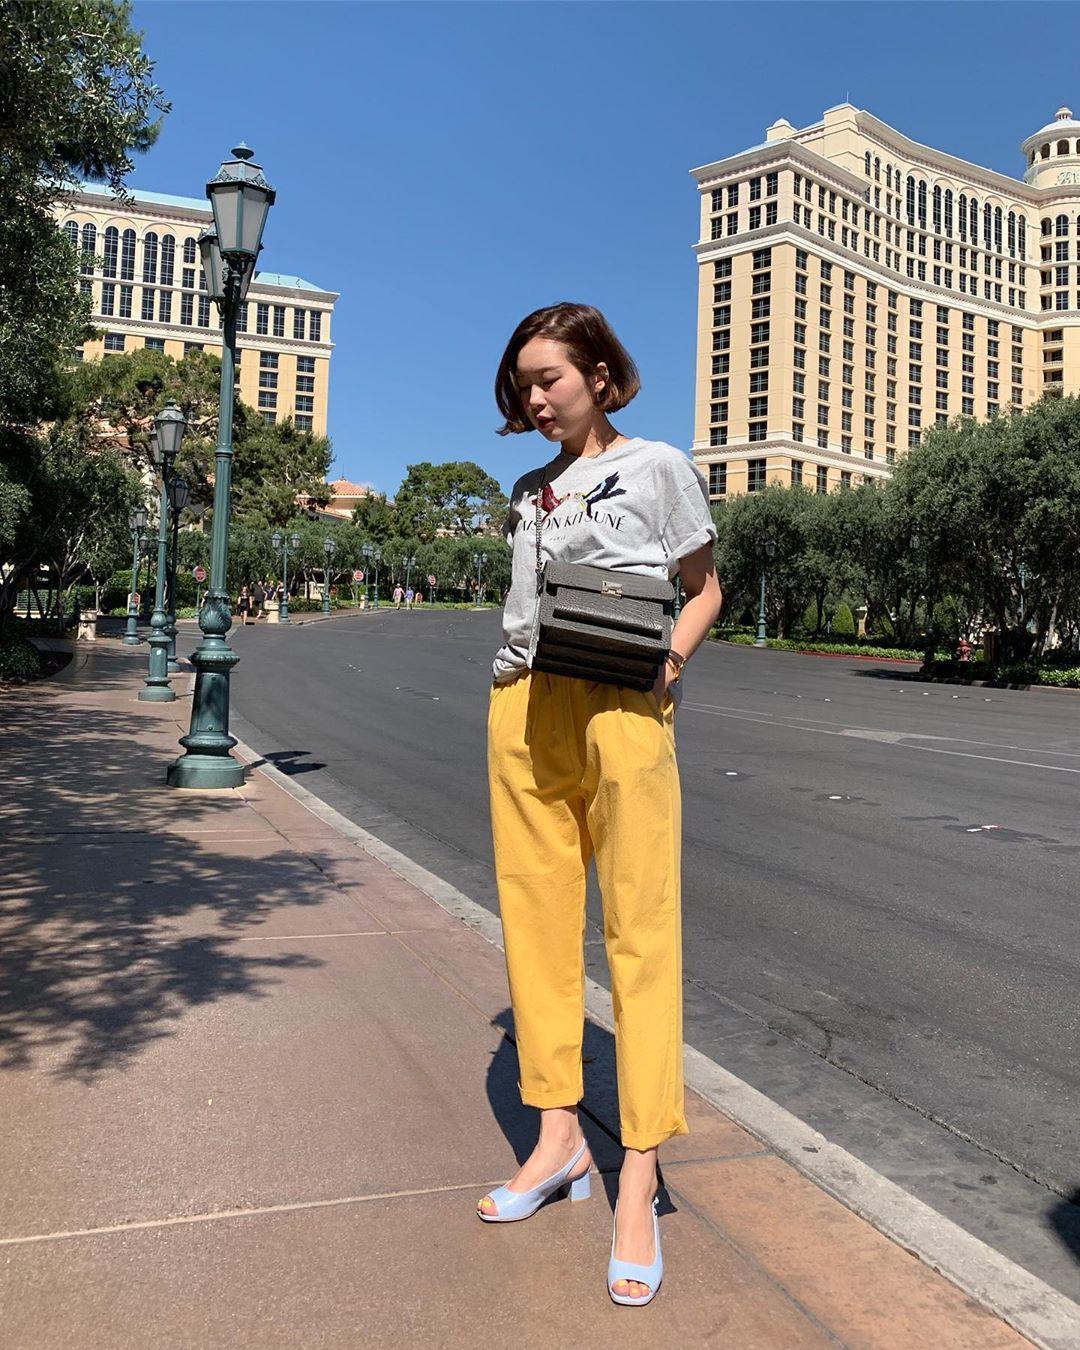 Nô nức diện váy thô mùa hè cho mát, muốn mặc đẹp hãy tham khảo 15 bộ đồ từ street style Châu Á này - Ảnh 6.